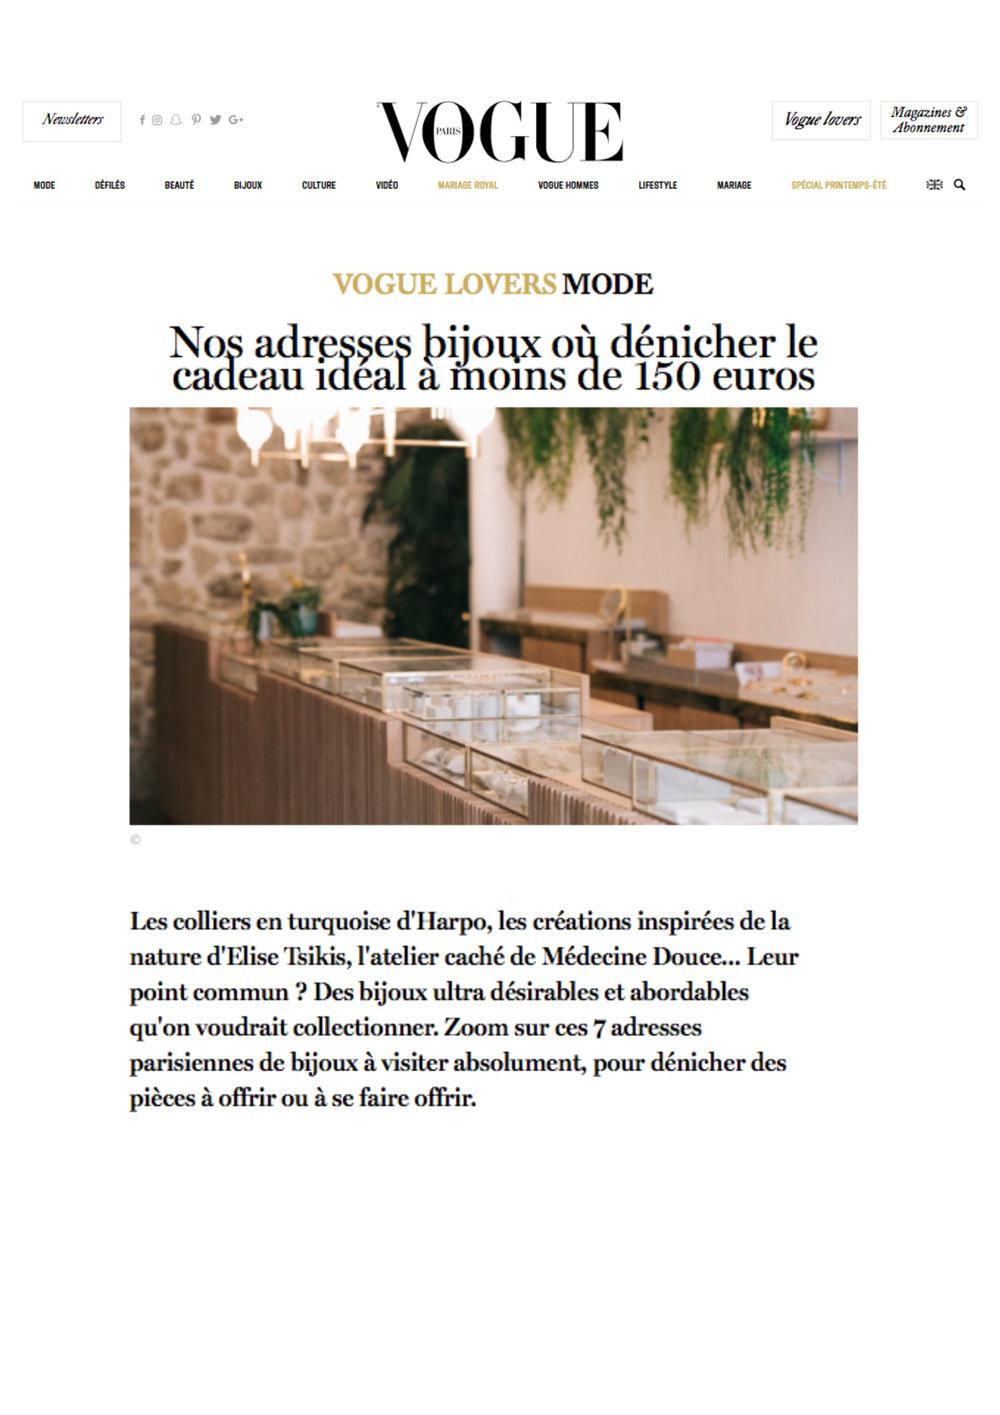 Vogue.fr - 6 Juin 2018 - Concerto N°1 -1.jpg